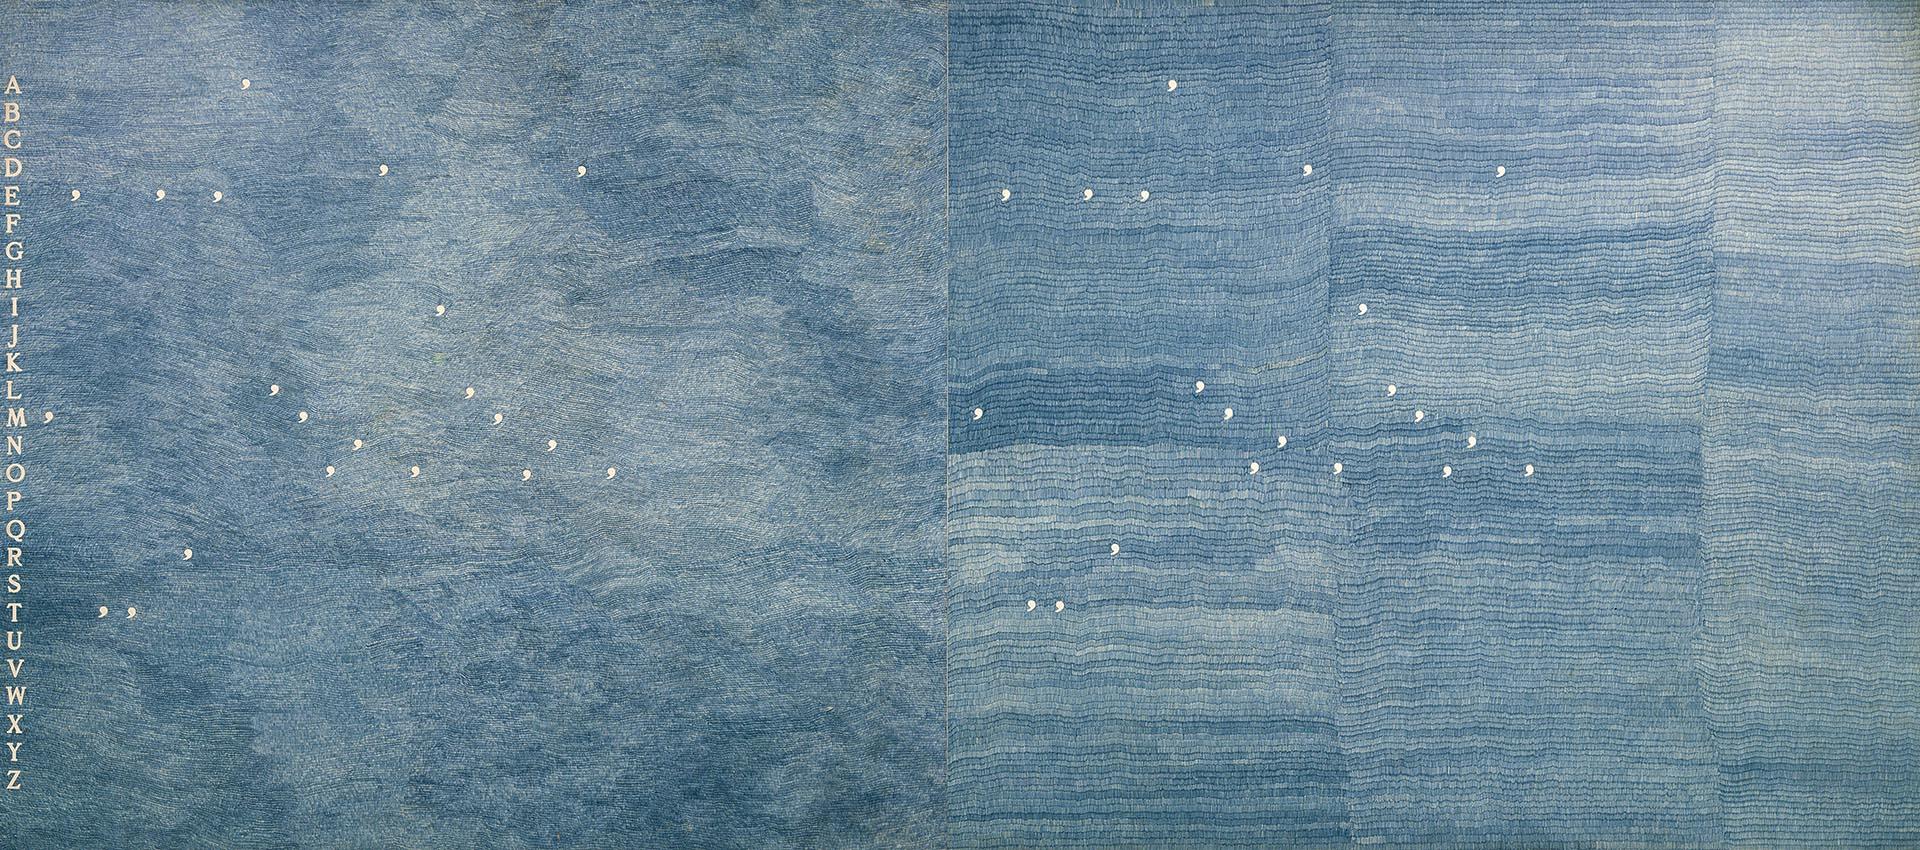 Boetti, Mettere al mondo il mondo, 1975, 160x347 cm